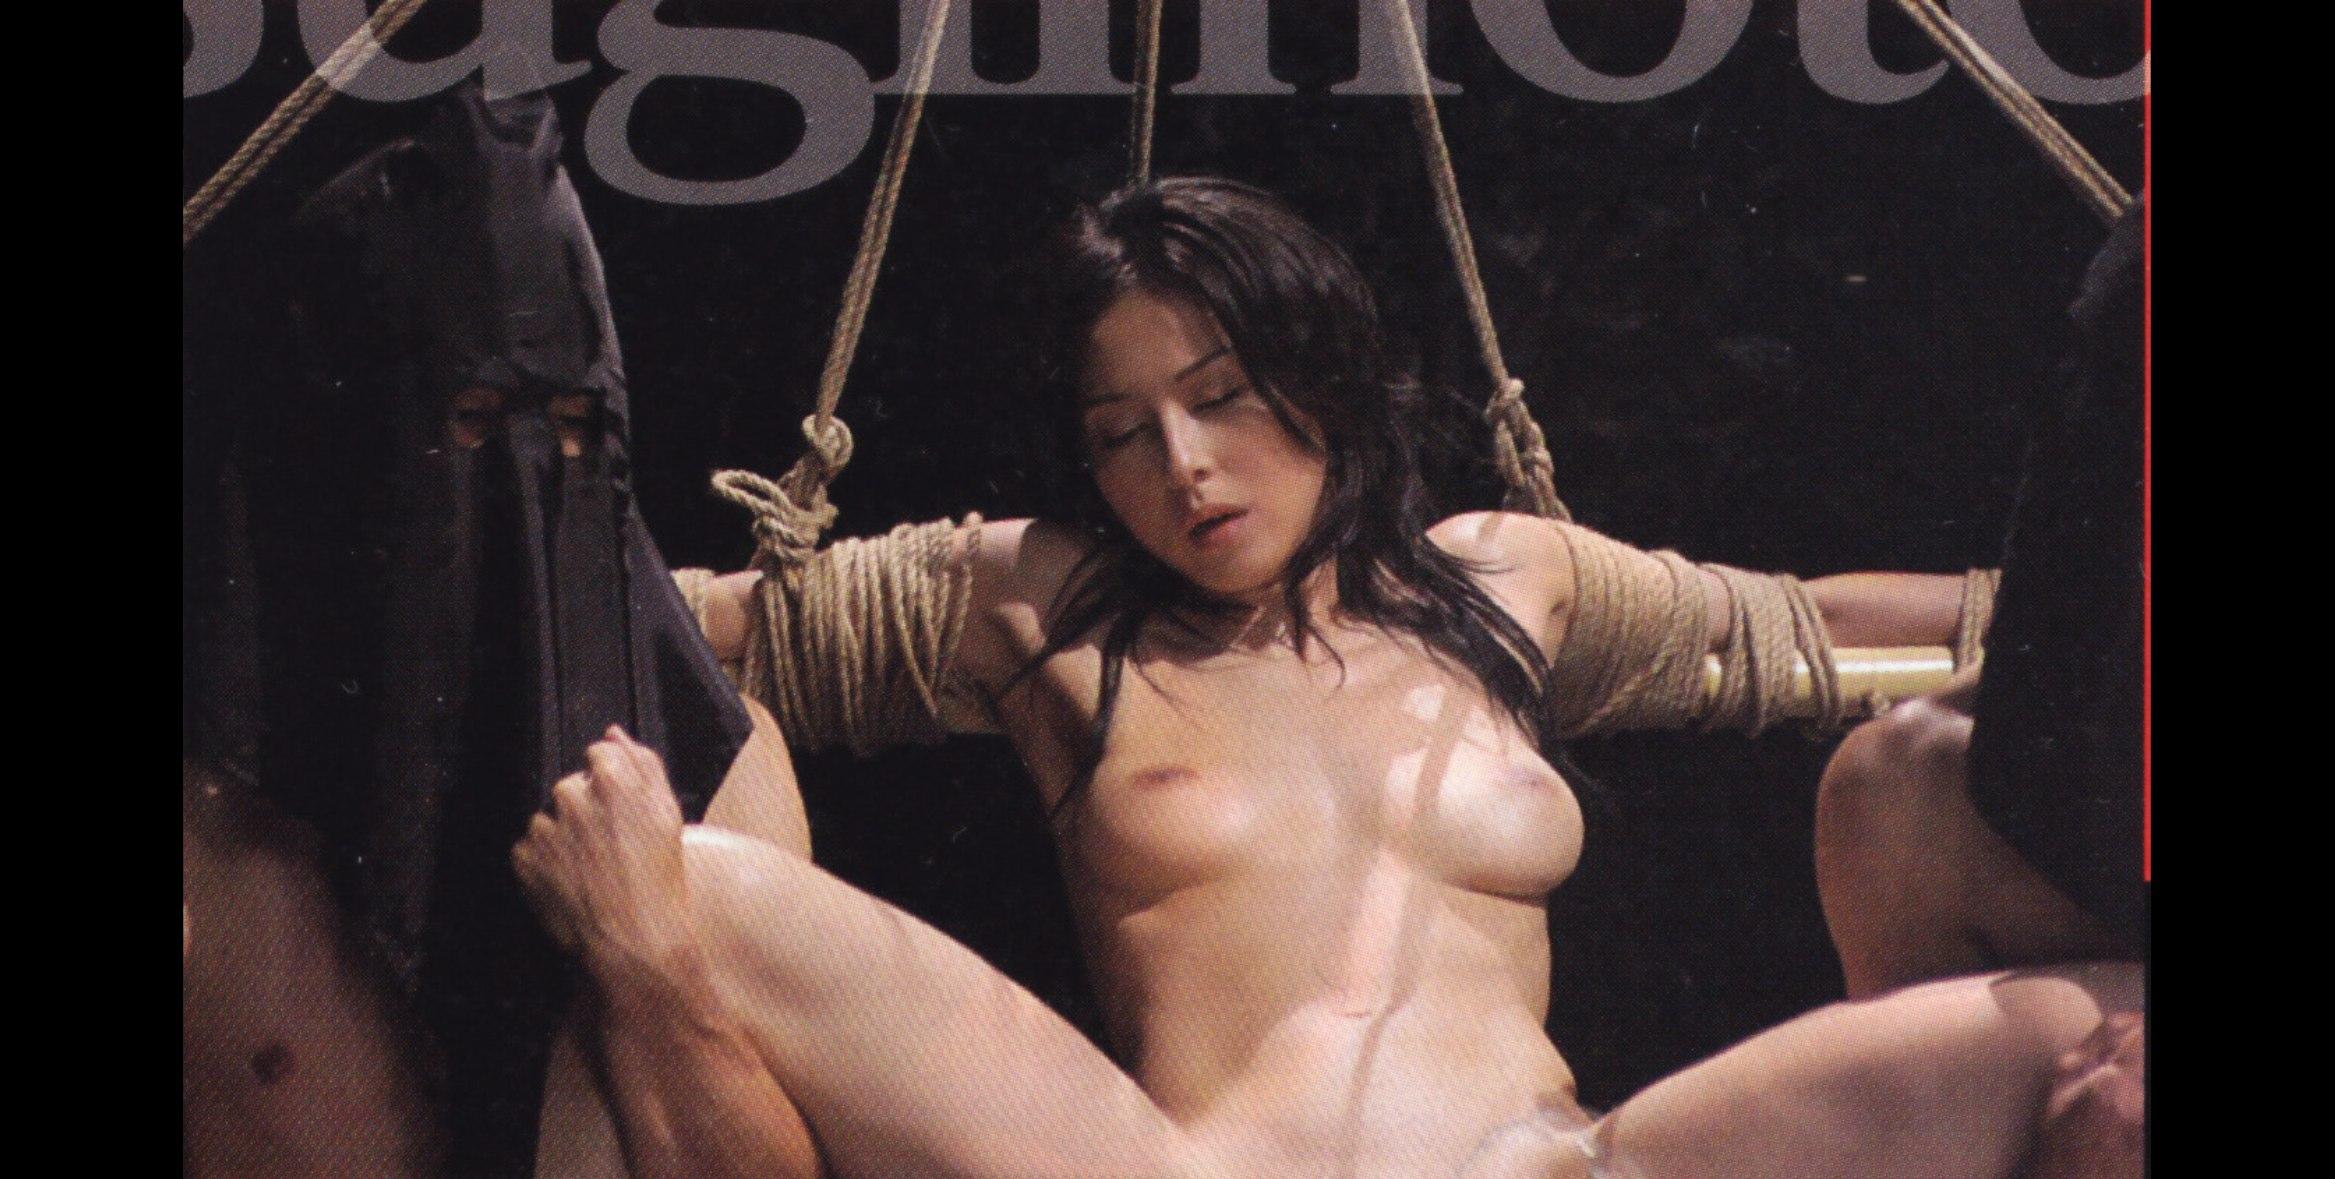 http://livedoor.blogimg.jp/etoiles888/imgs/8/6/8631d25e.jpg